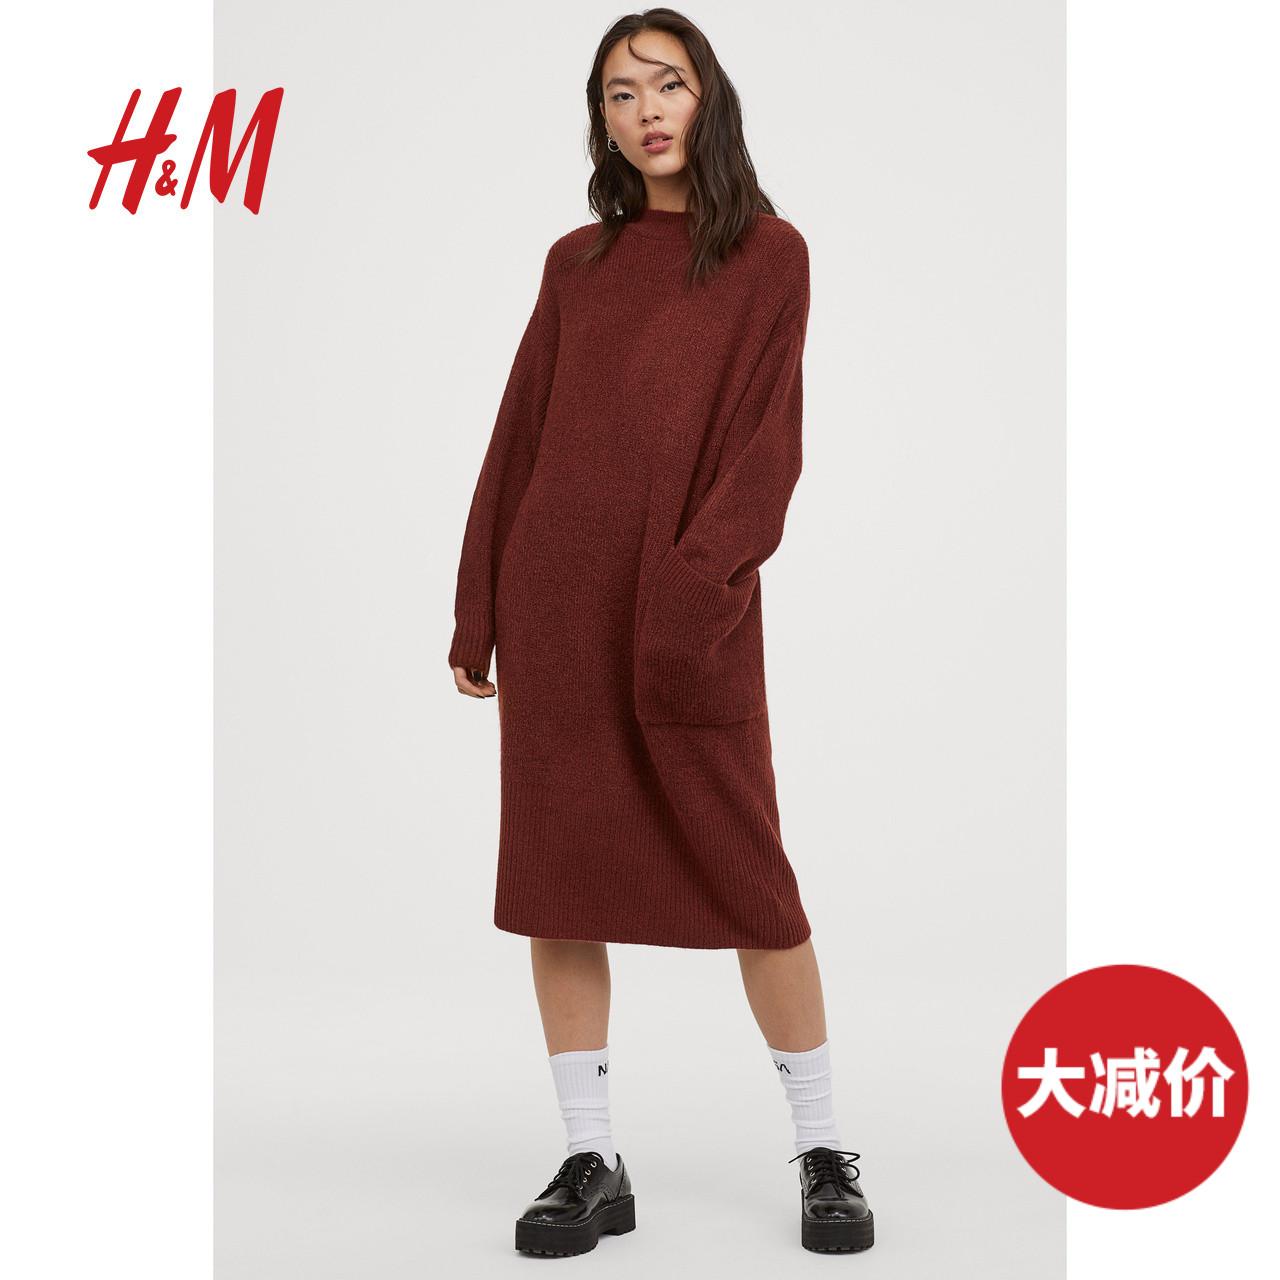 【芝麻街联名】HM DIVIDED女装裙子女 长袖针织裙连衣裙 0816153